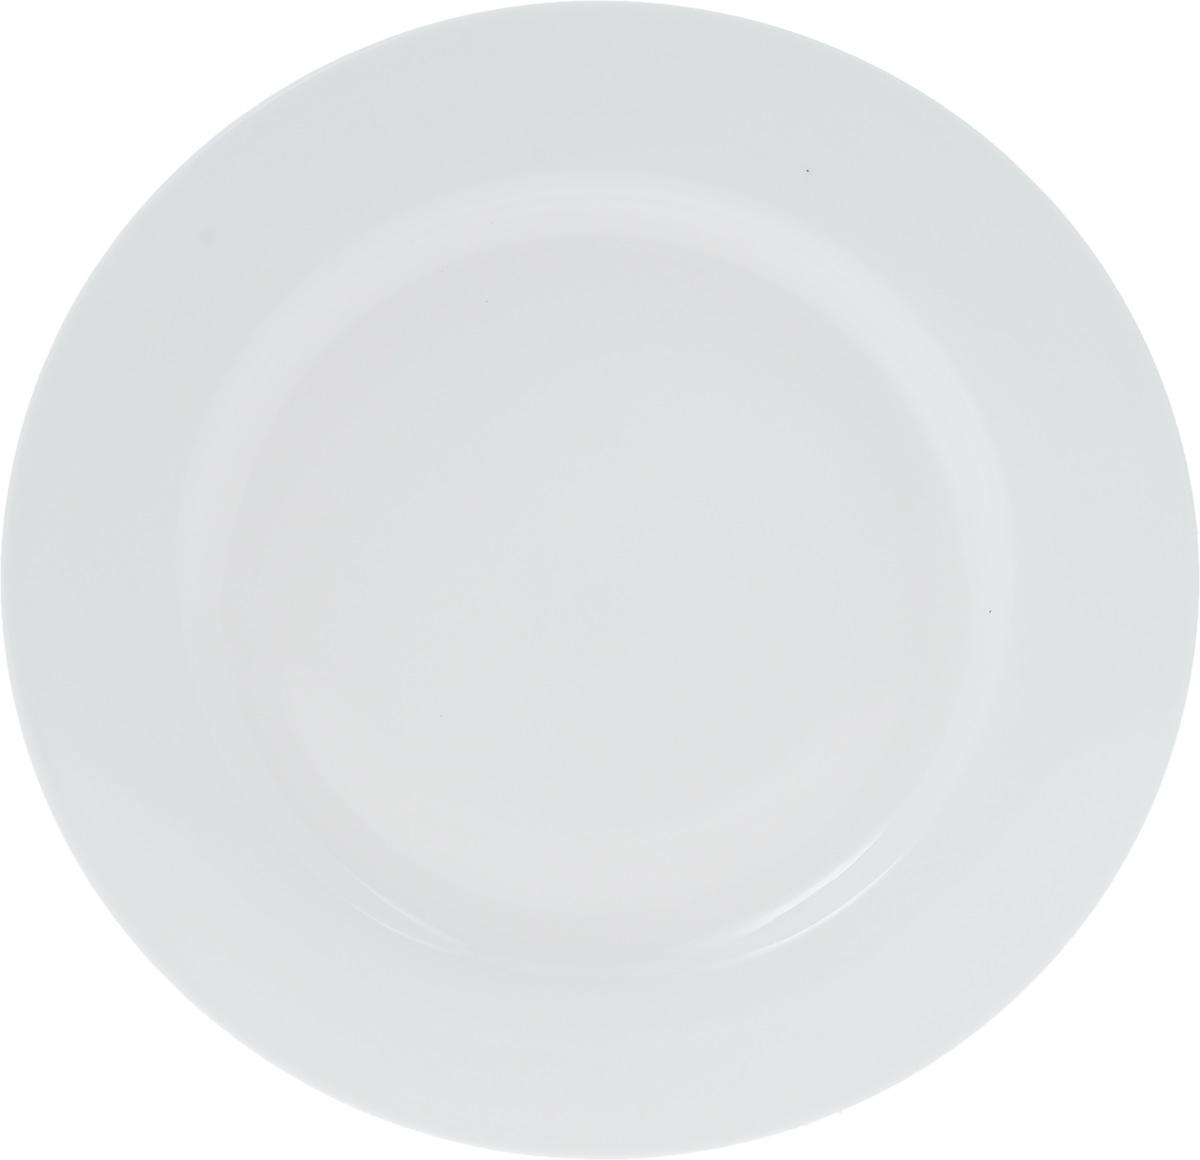 Тарелка Wilmax, диаметр 28 см. WL-991181 / AWL-991181 / AТарелка Wilmax, изготовленная из высококачественного фарфора, имеет классическую круглую форму. Оригинальный дизайн придется по вкусу и ценителям классики, и тем, кто предпочитает утонченность и изысканность. Тарелка Wilmax идеально подойдет для сервировки стола и станет отличным подарком к любому празднику.